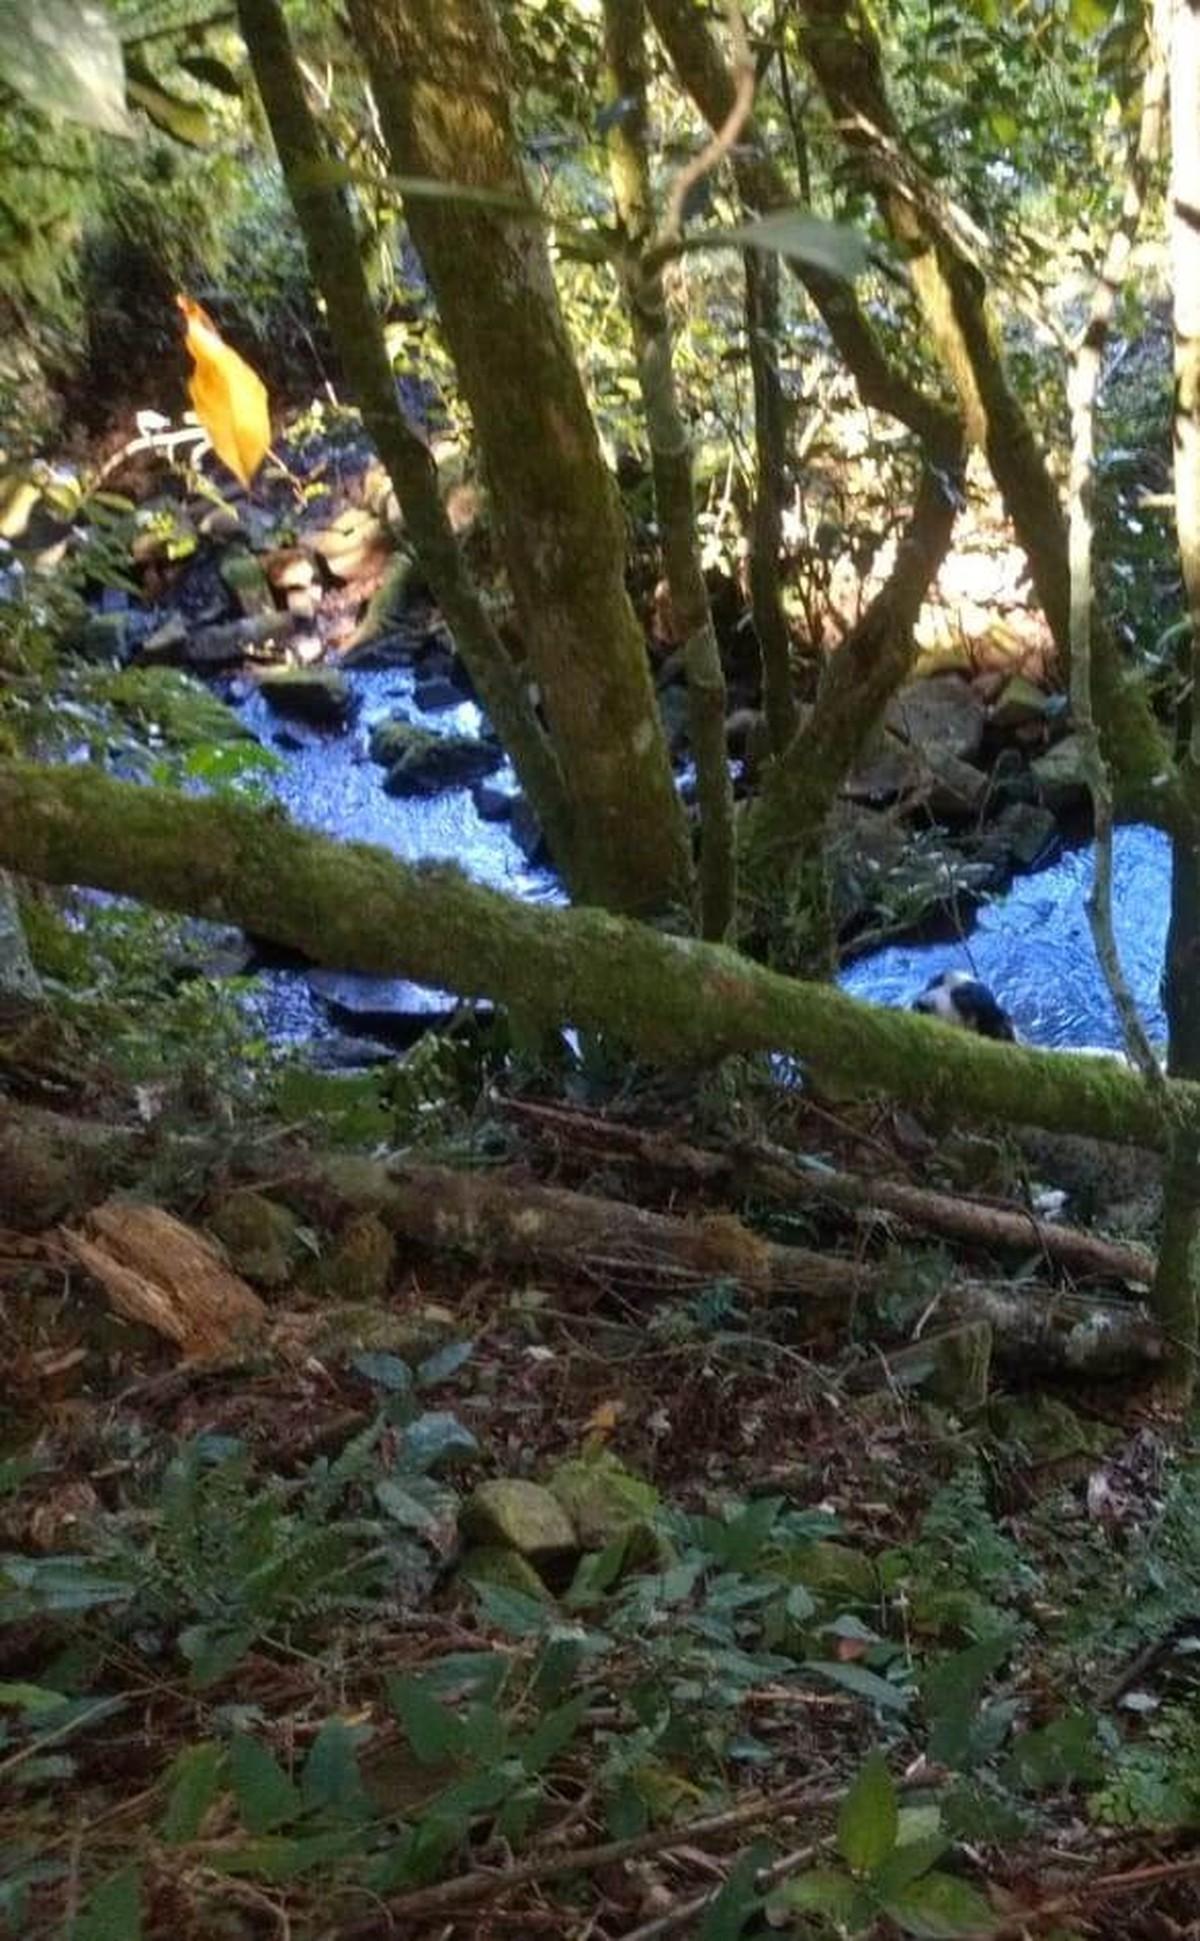 Corpo de idoso desaparecido é encontrado em riacho no Oeste de SC; cão de estimação estava ao lado